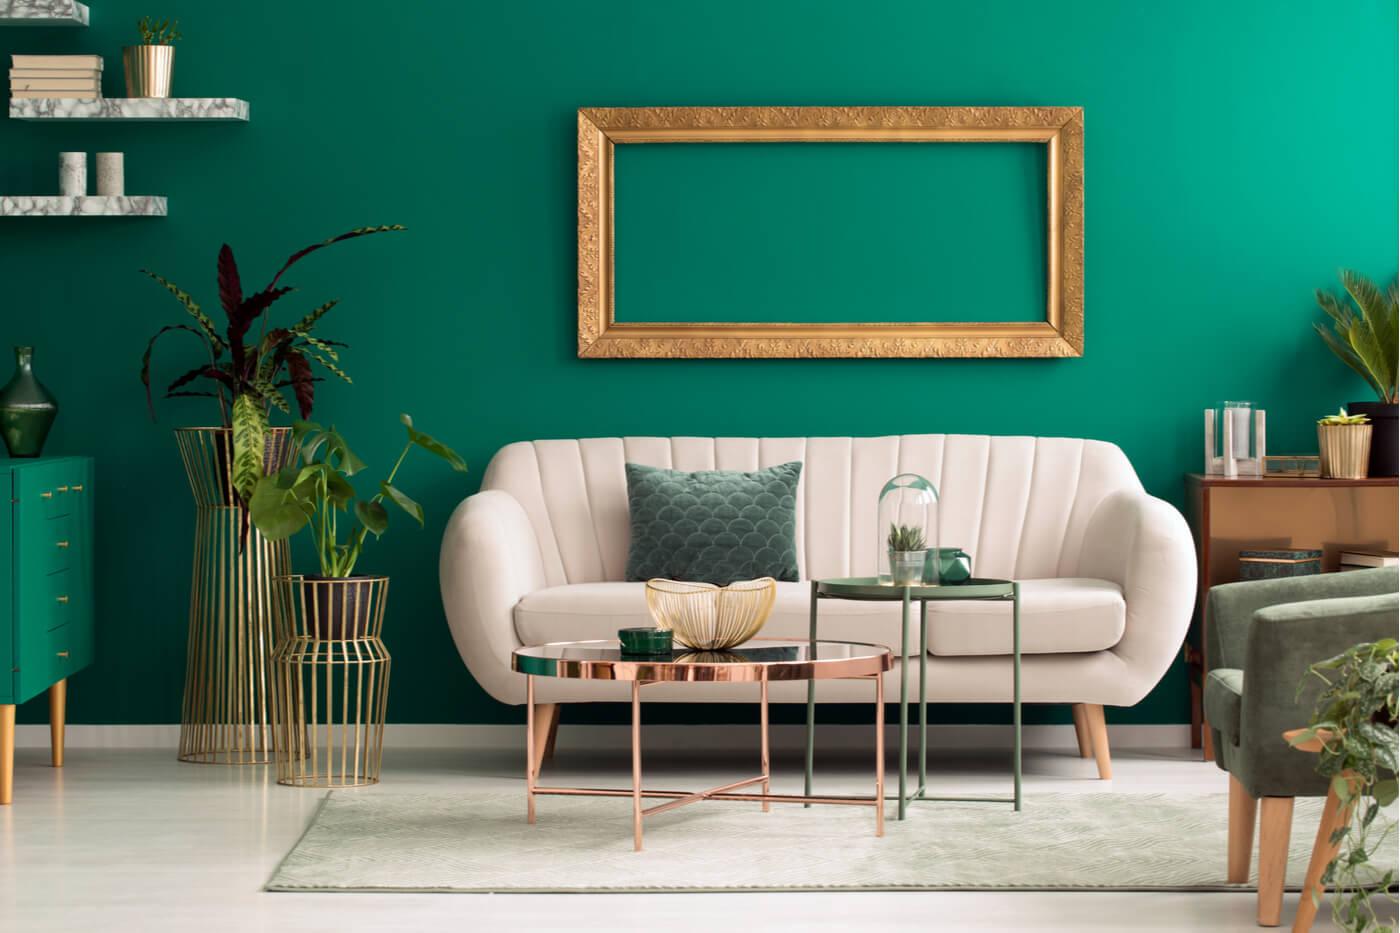 La relación del verde y el dorado: clase, estilo y elegancia